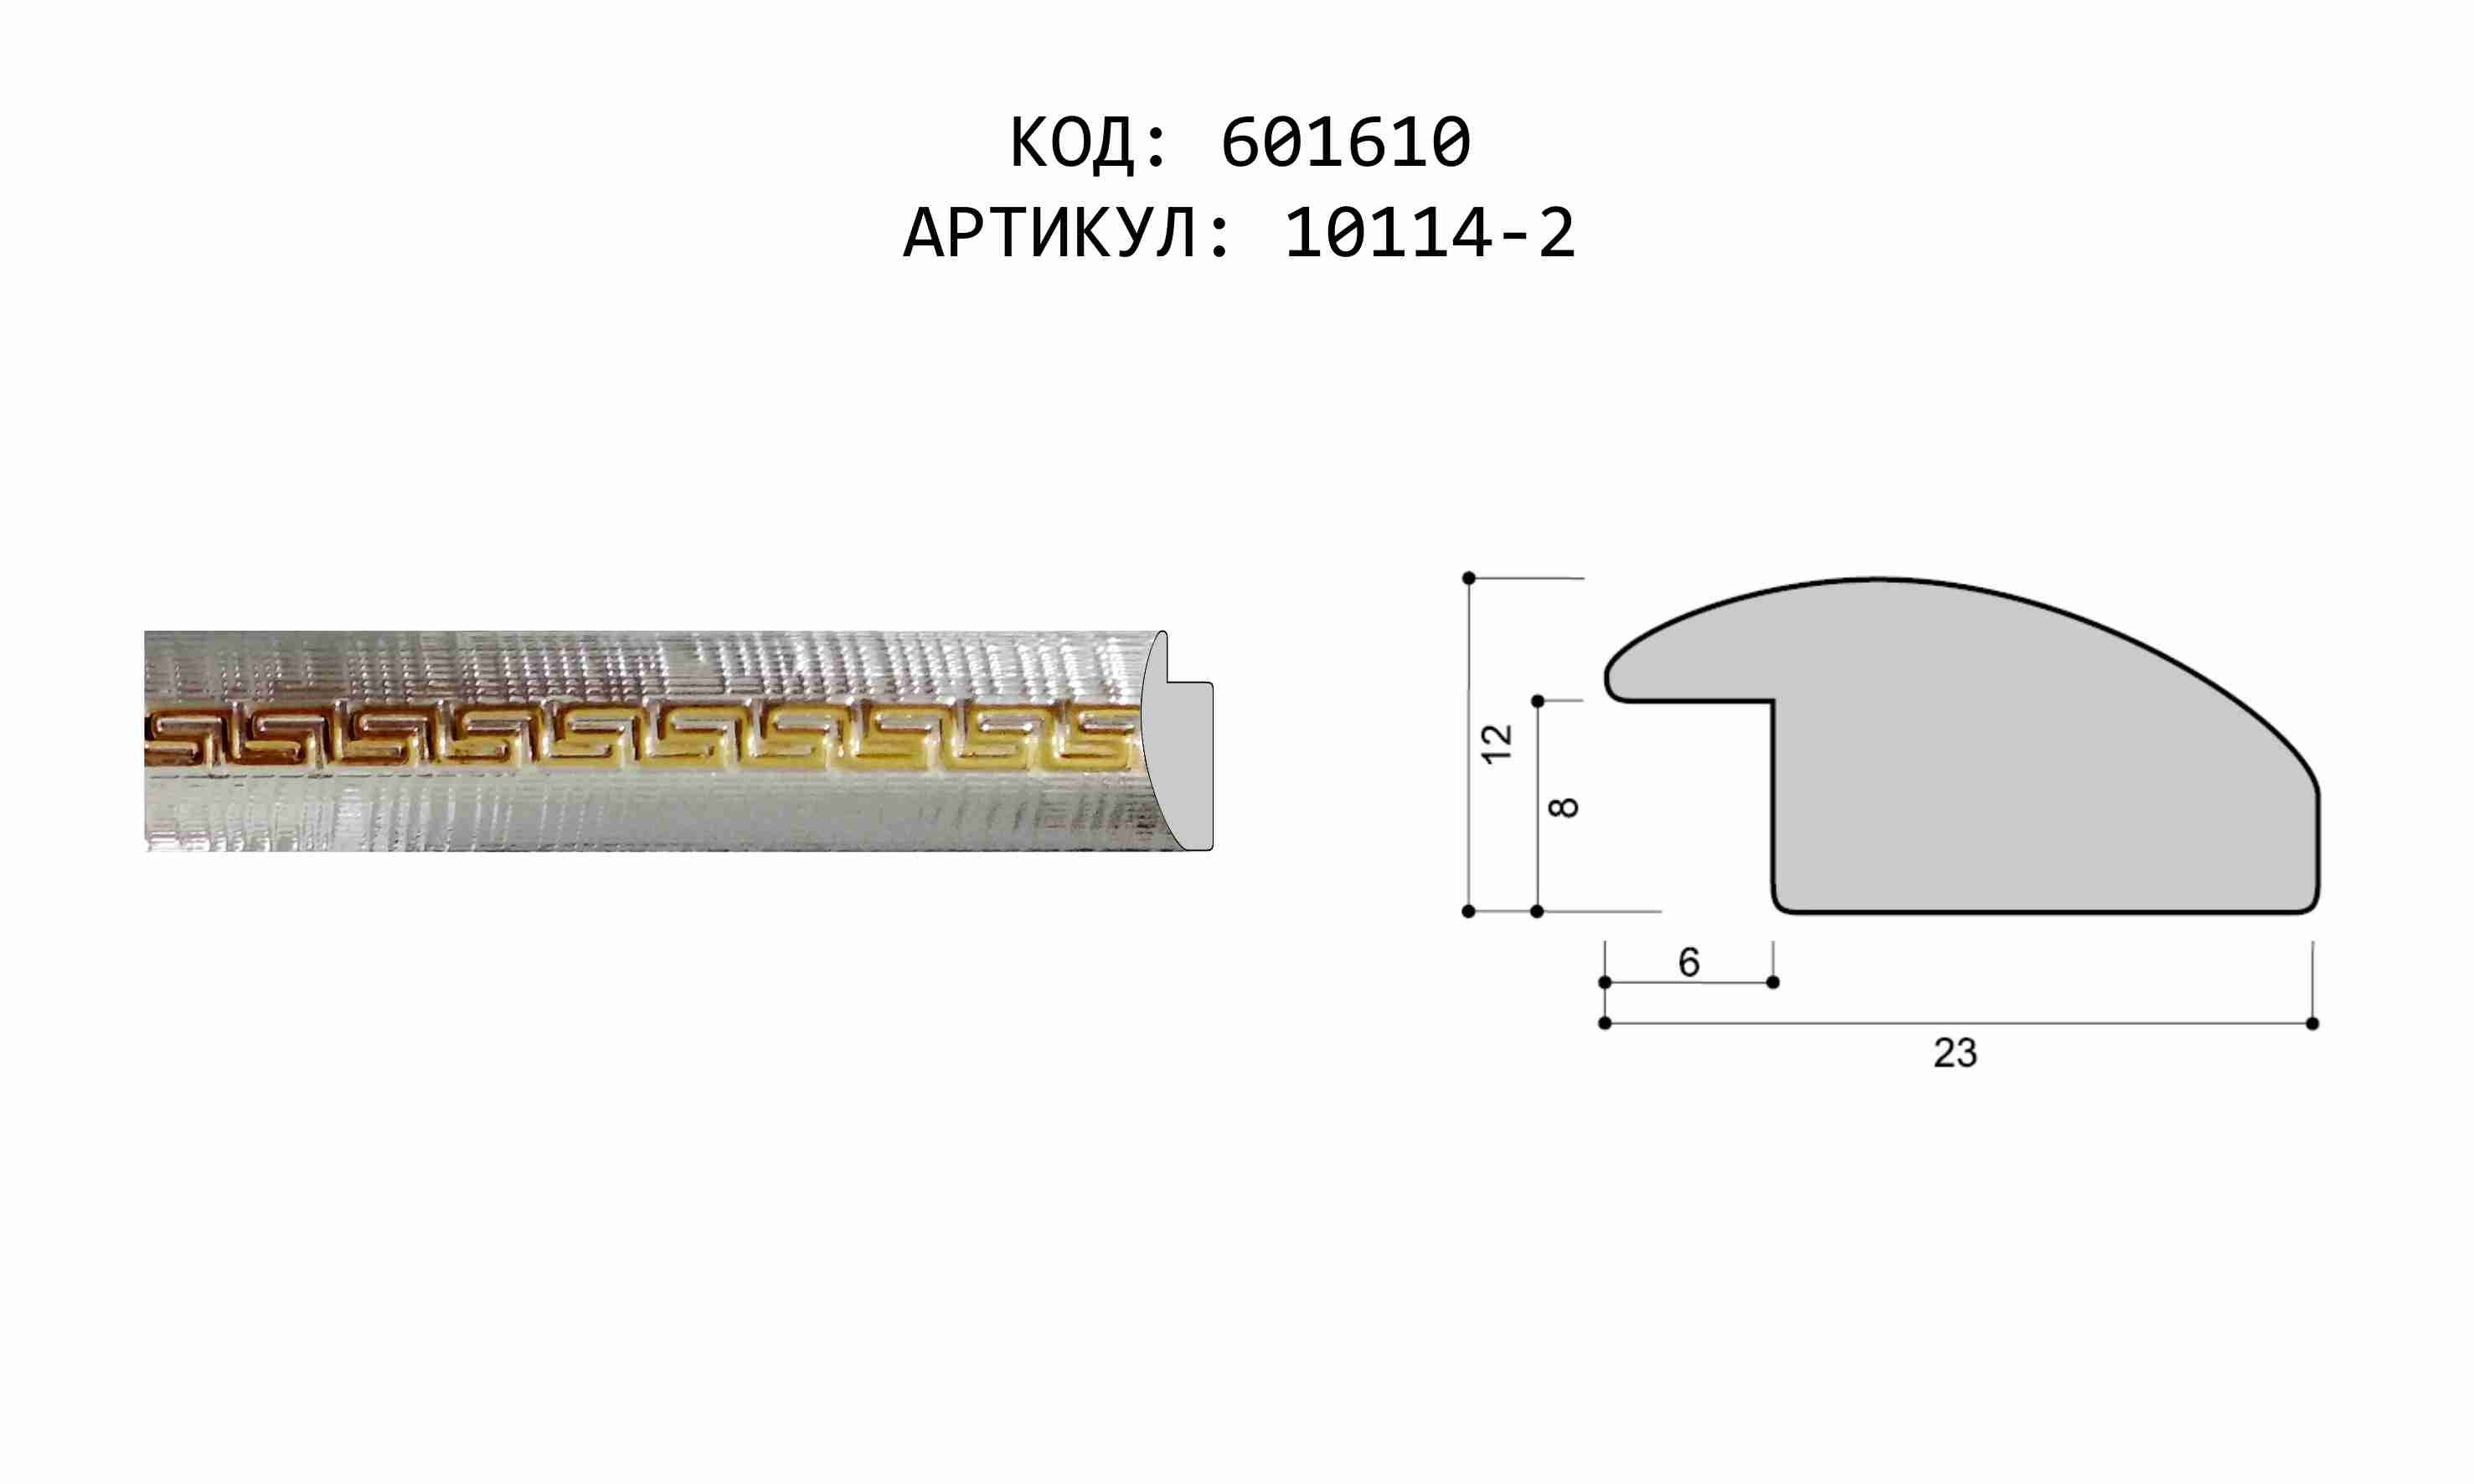 Артикул: 10114-2